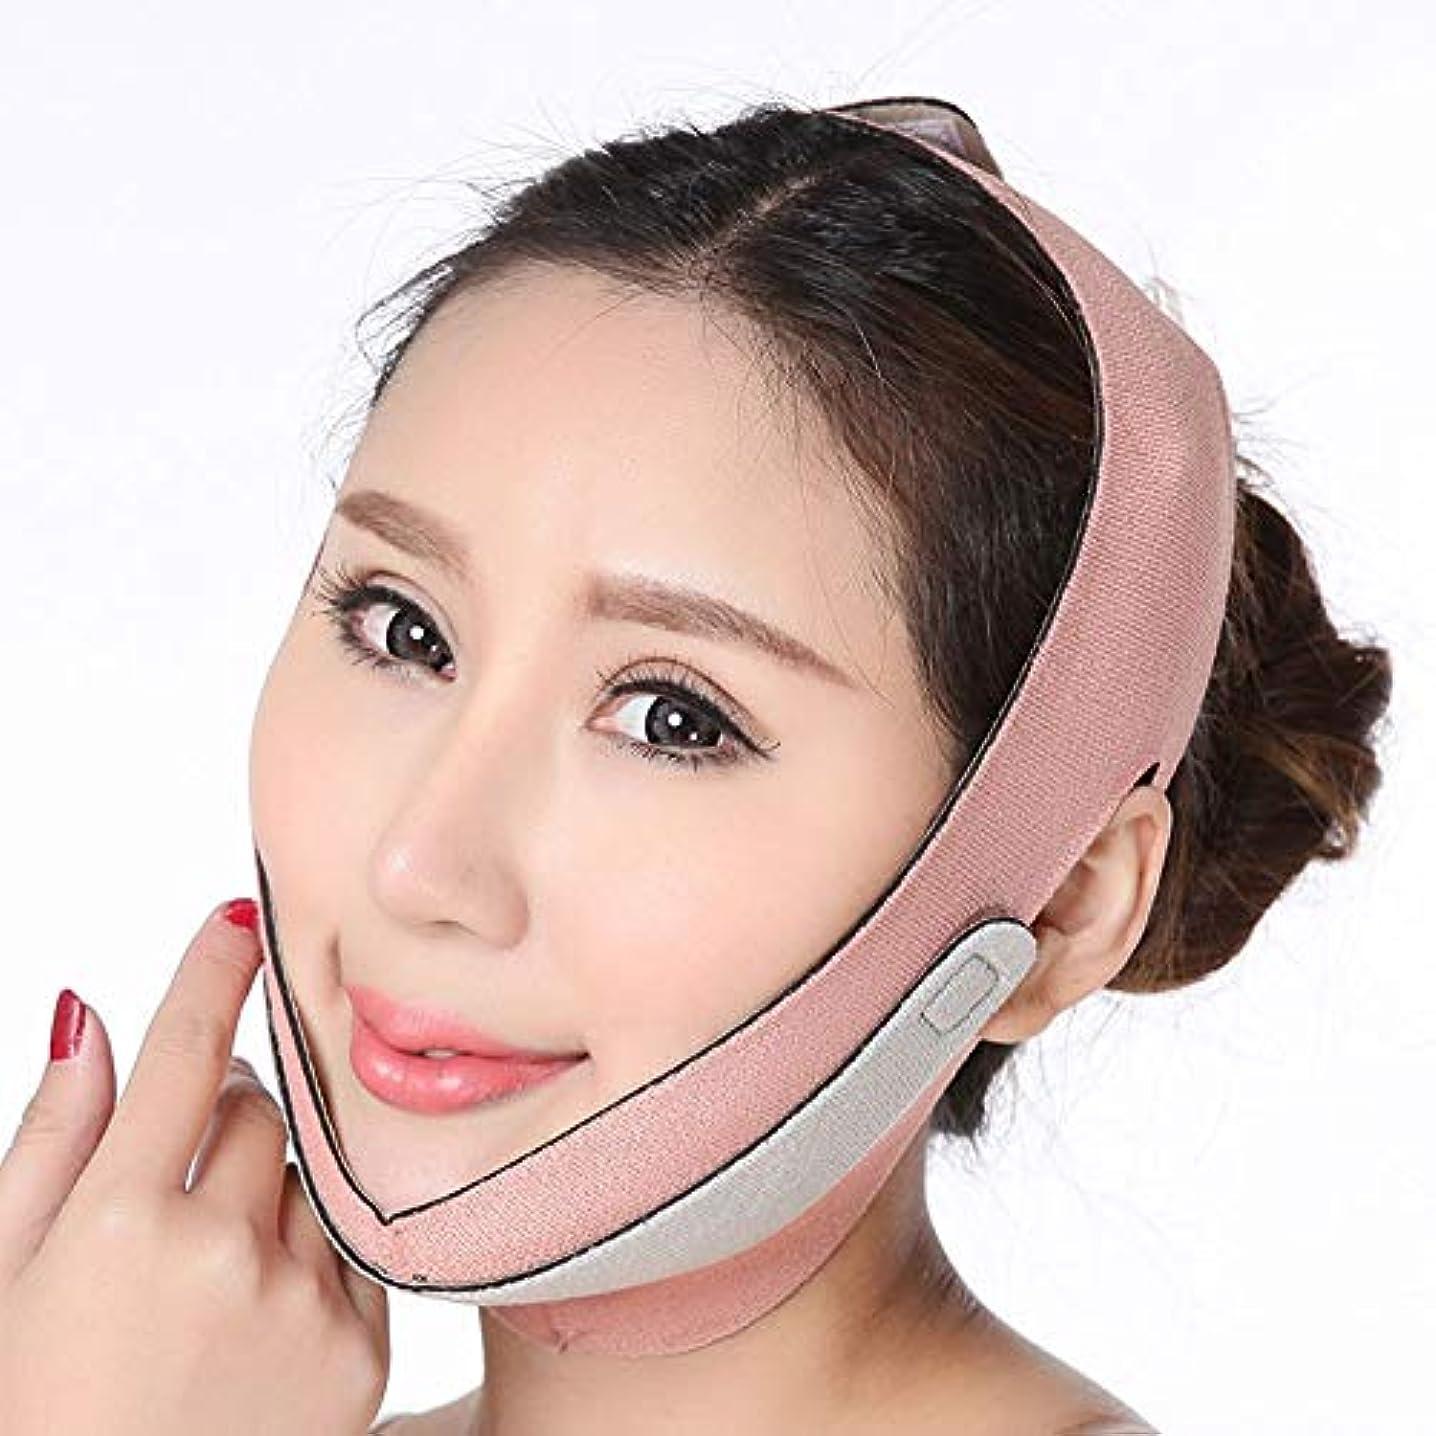 おびえたブラウス耳GYZ シンフェイス包帯シンフェイスマスクフェイスリフトアーティファクトレイズVフェイスシンフェイスフェイスリフティング美容マスク小フェイス包帯 Thin Face Belt (Color : A)